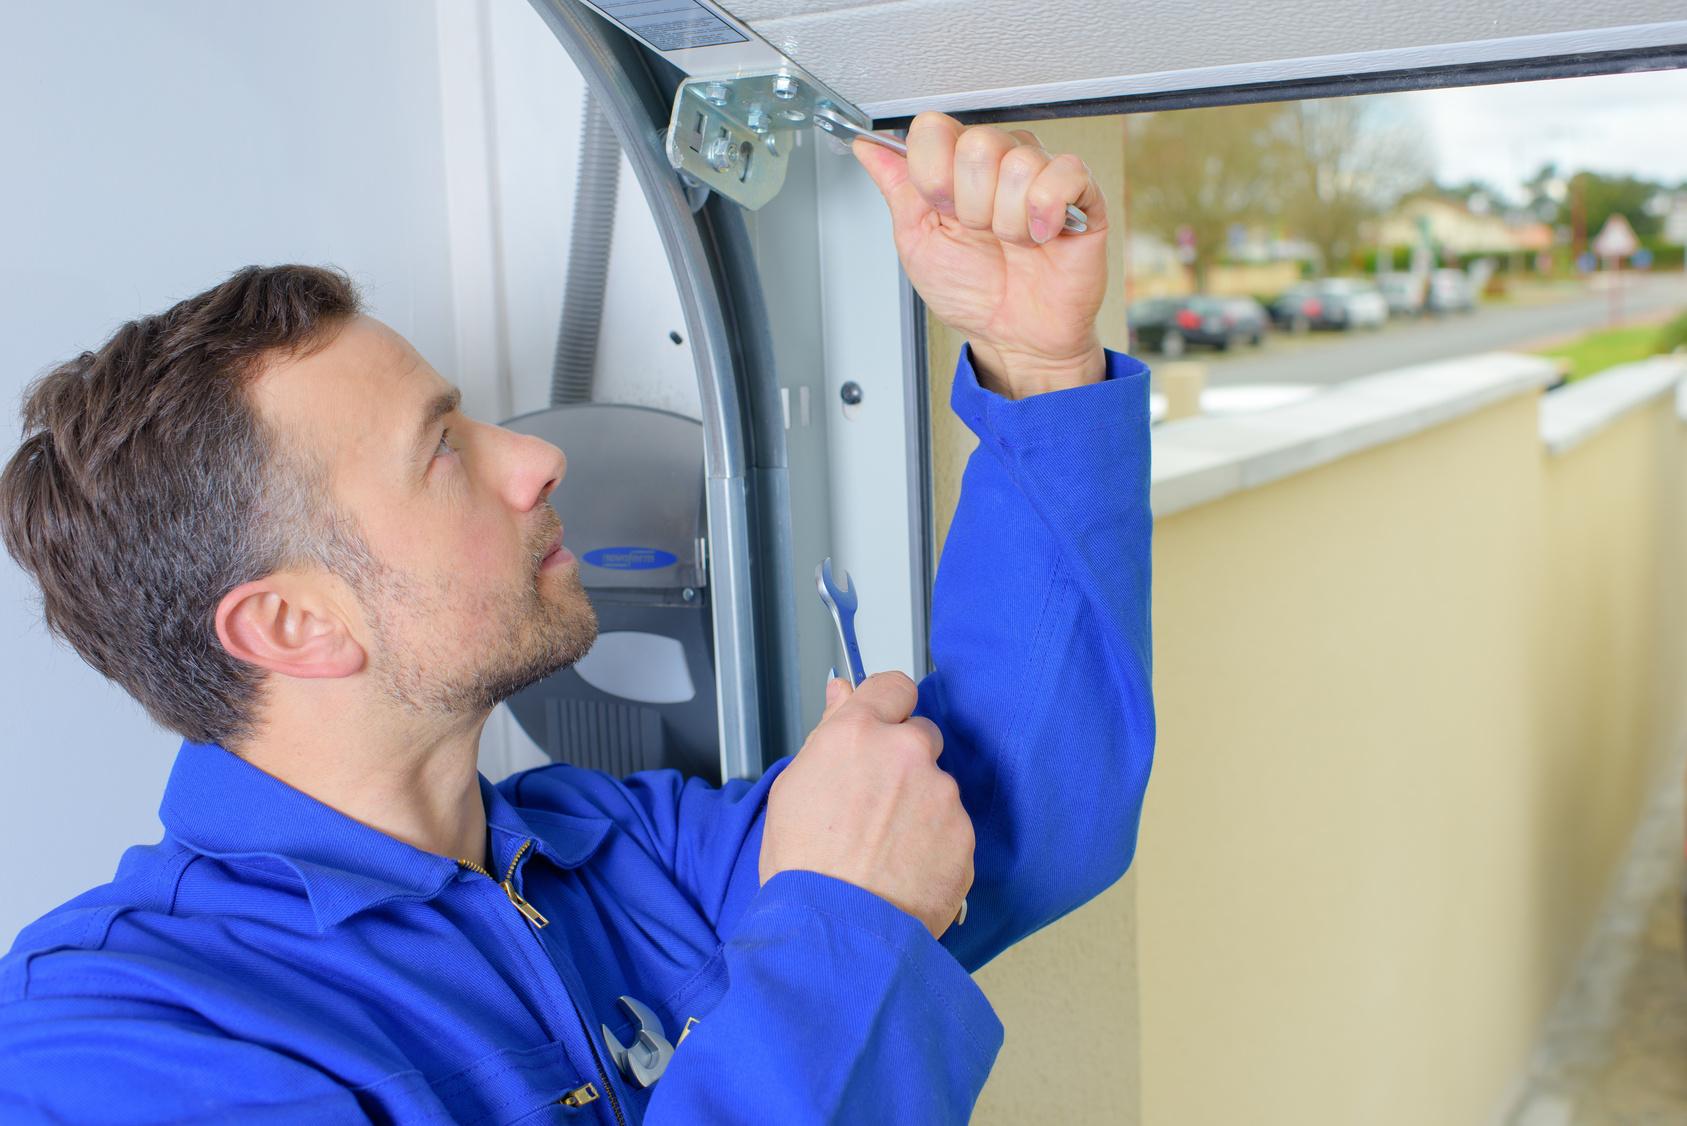 Garage Door Repair Technician repairing garage door rails  sc 1 st  Affordable Garage Door & Dyer Garage Door Rails   Affordable Garage Door   Garage Door Repair ...